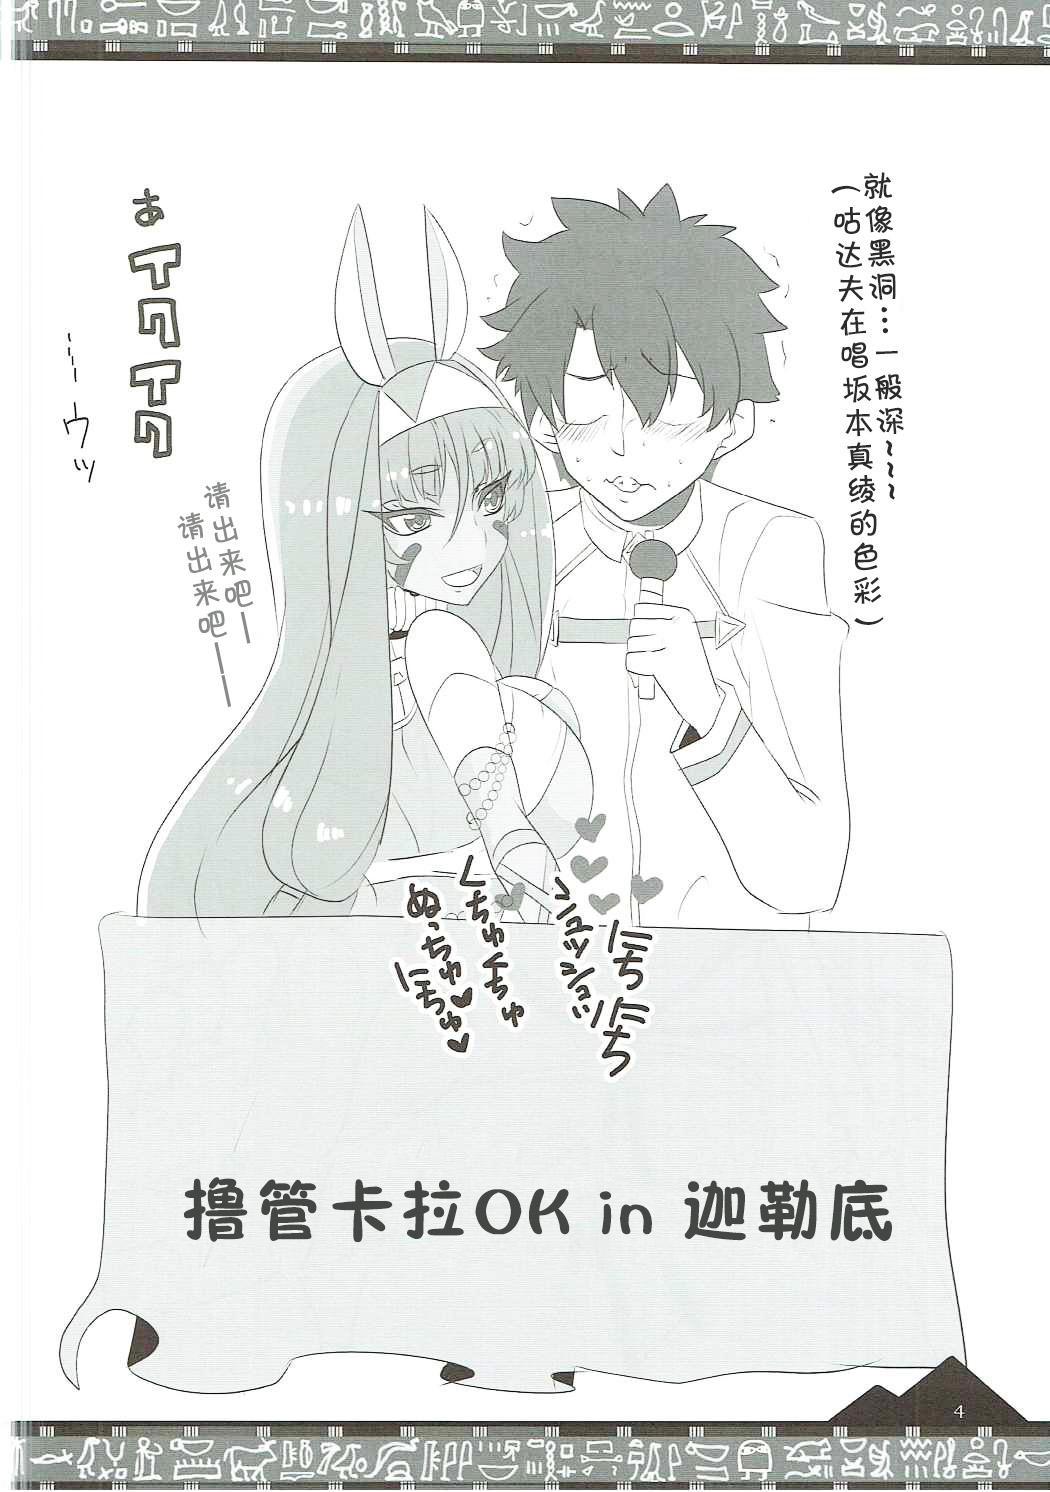 Osuki ni Demasei! | 如君所愿DE MA SEI! 3